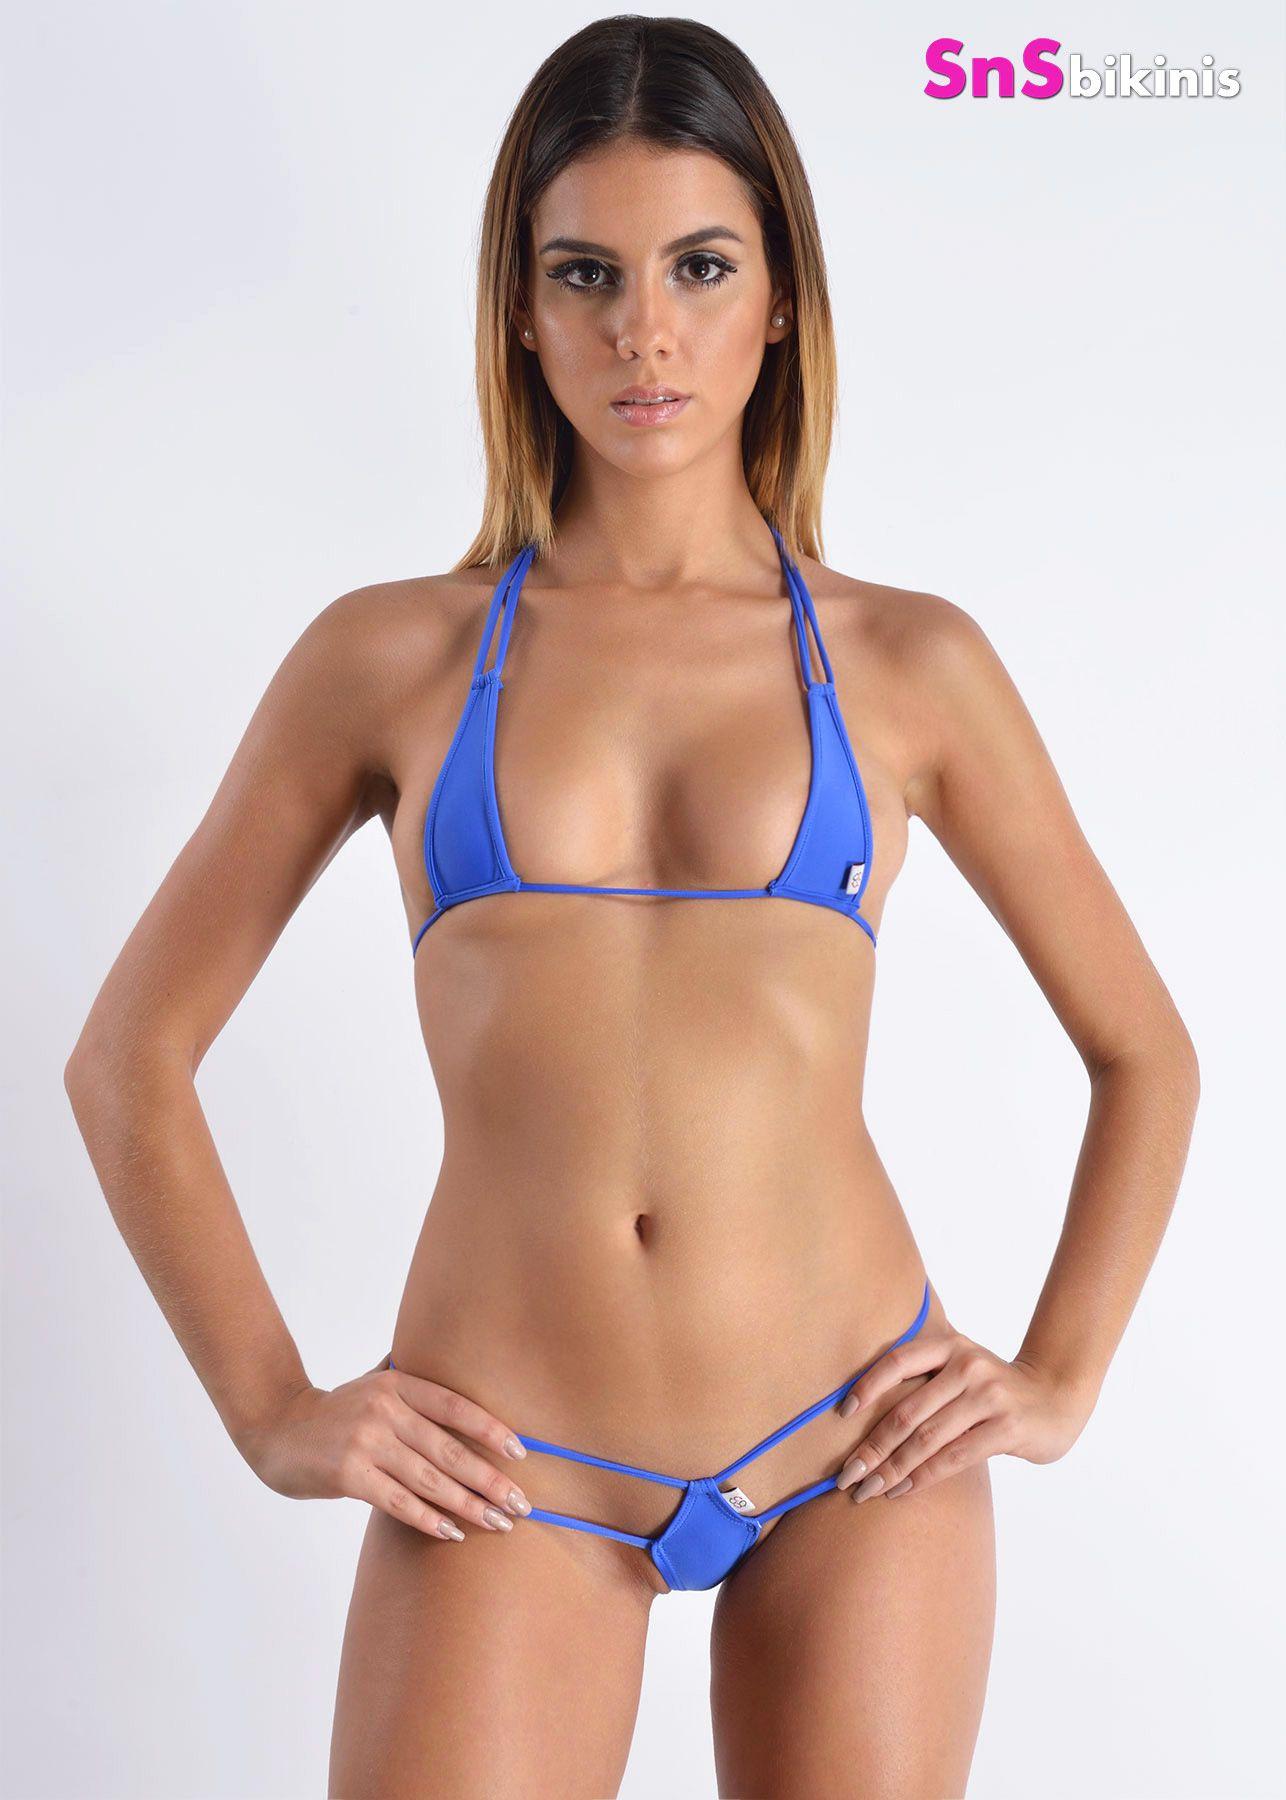 extreme micro bikini Sexy heiße Swimwear und Lingerie in einzigartigen Designs